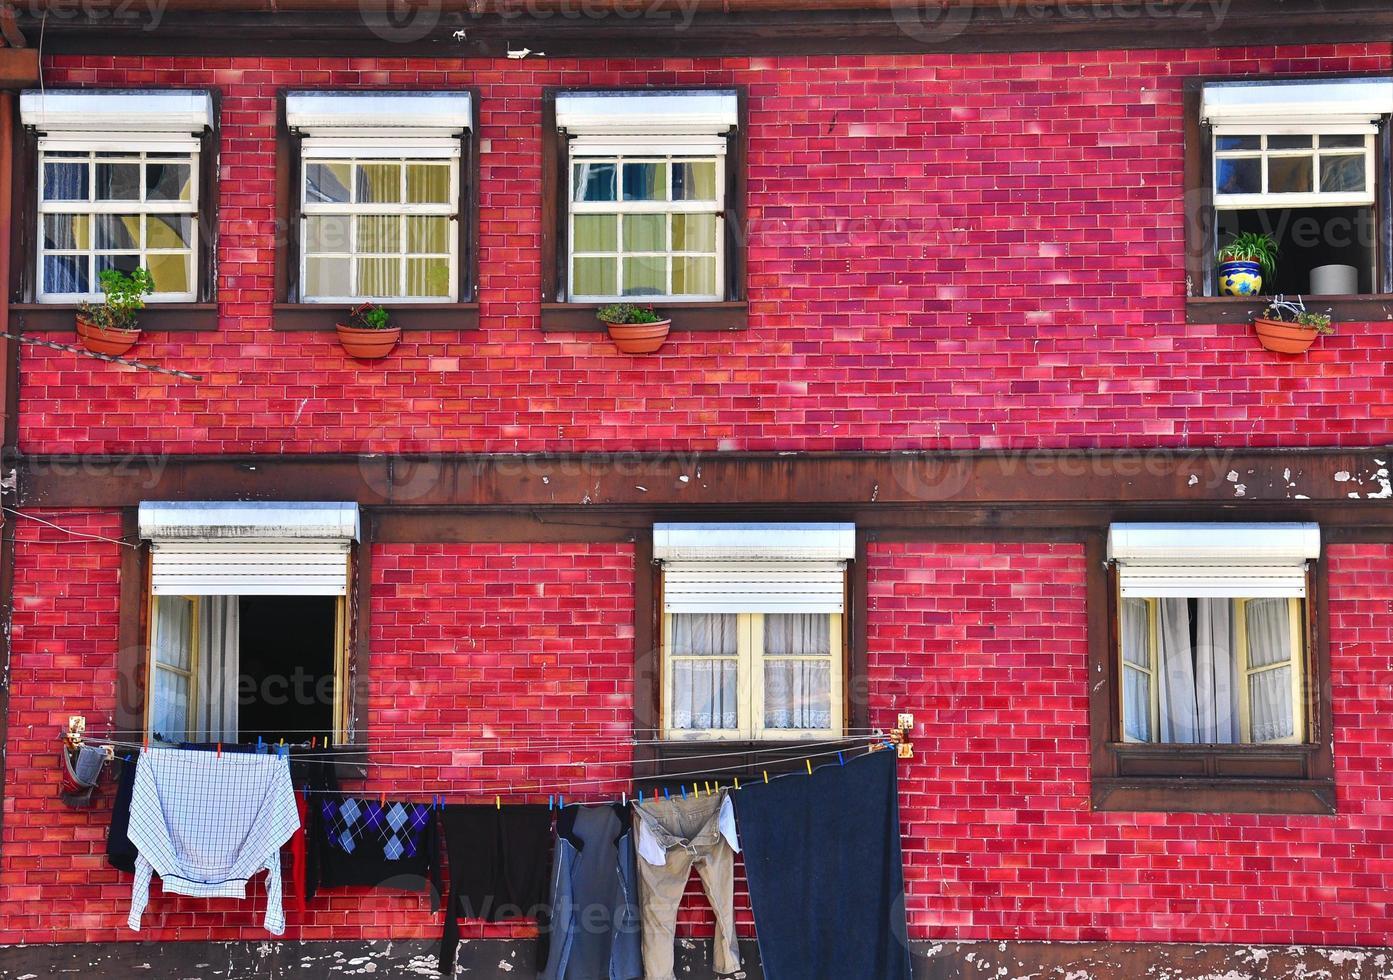 antigua casa colorida con paredes de azulejos foto